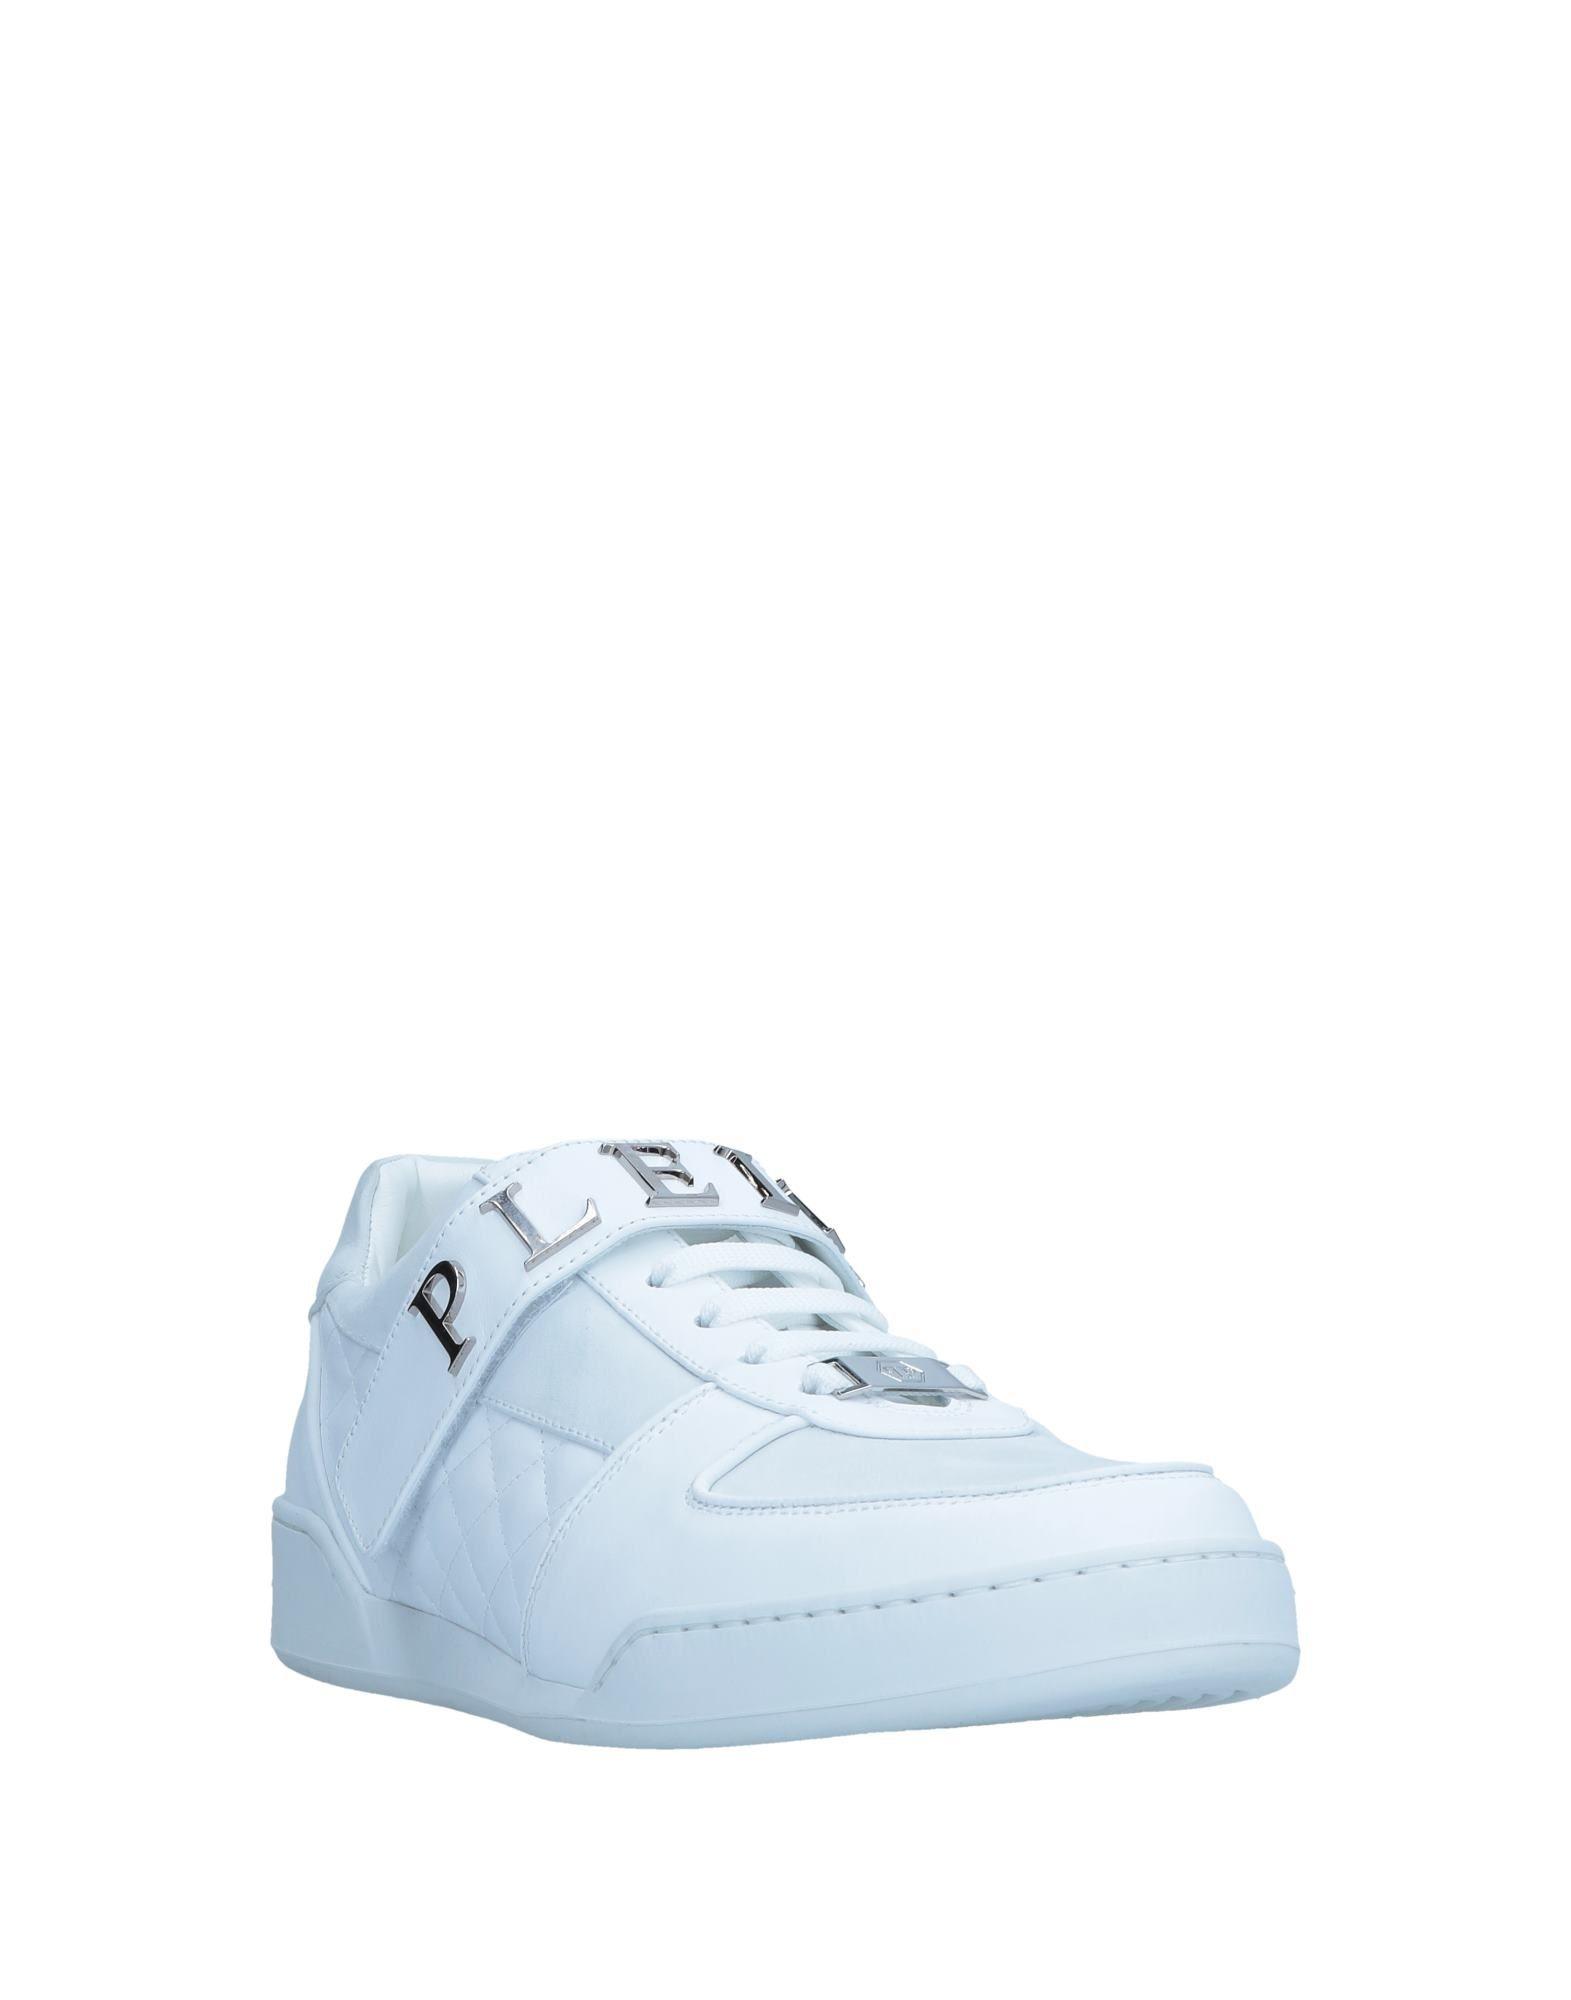 Philipp Philipp Philipp Plein Sneakers Herren  11511414LS 6d5783